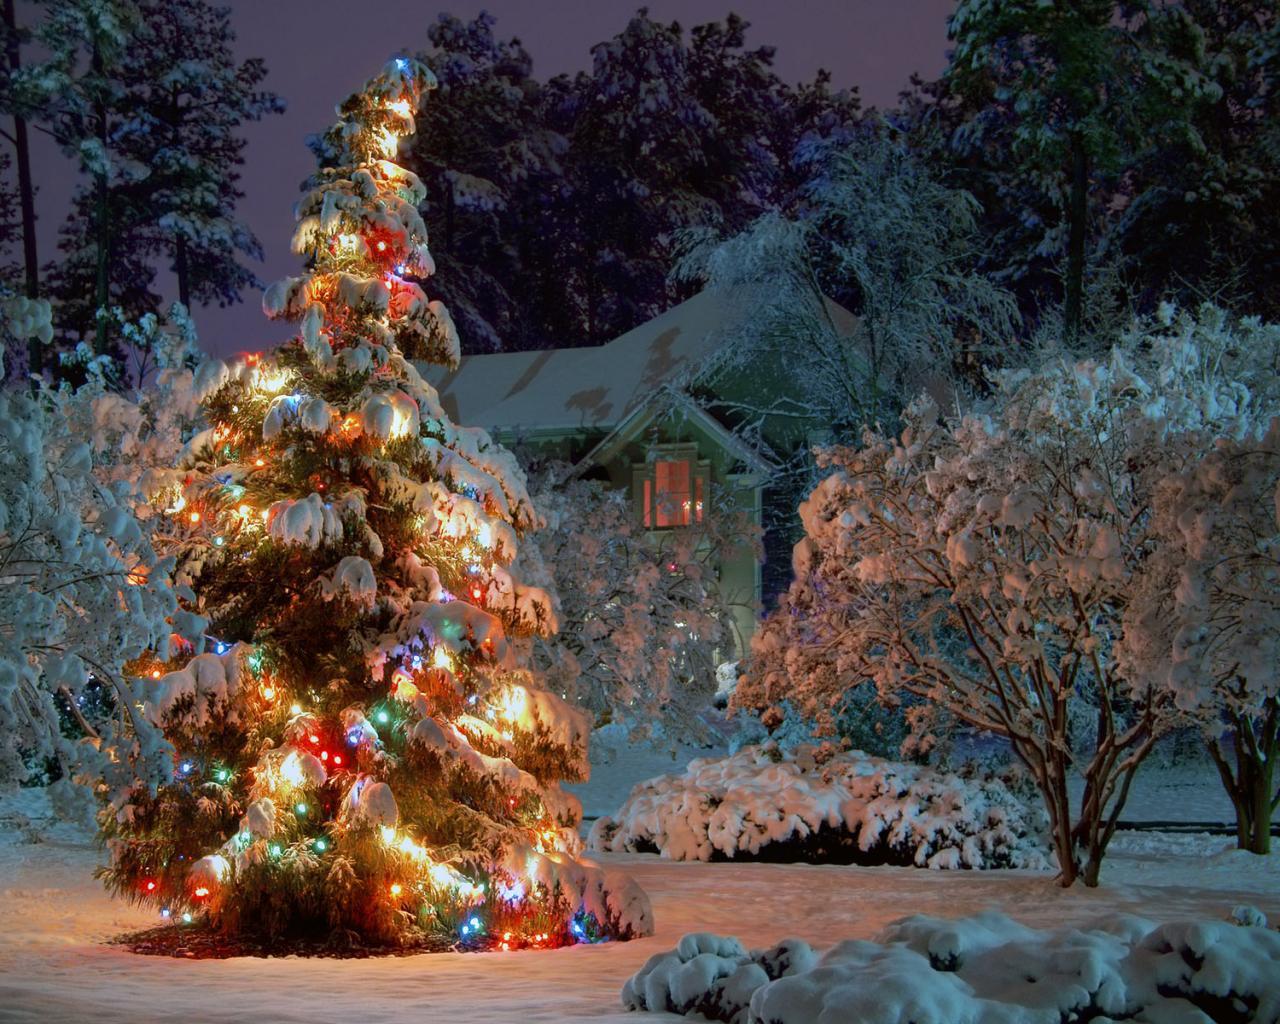 В Новый год закружился хоровод! Hq-wallpapers_ru_holidays_52625_1280x1024